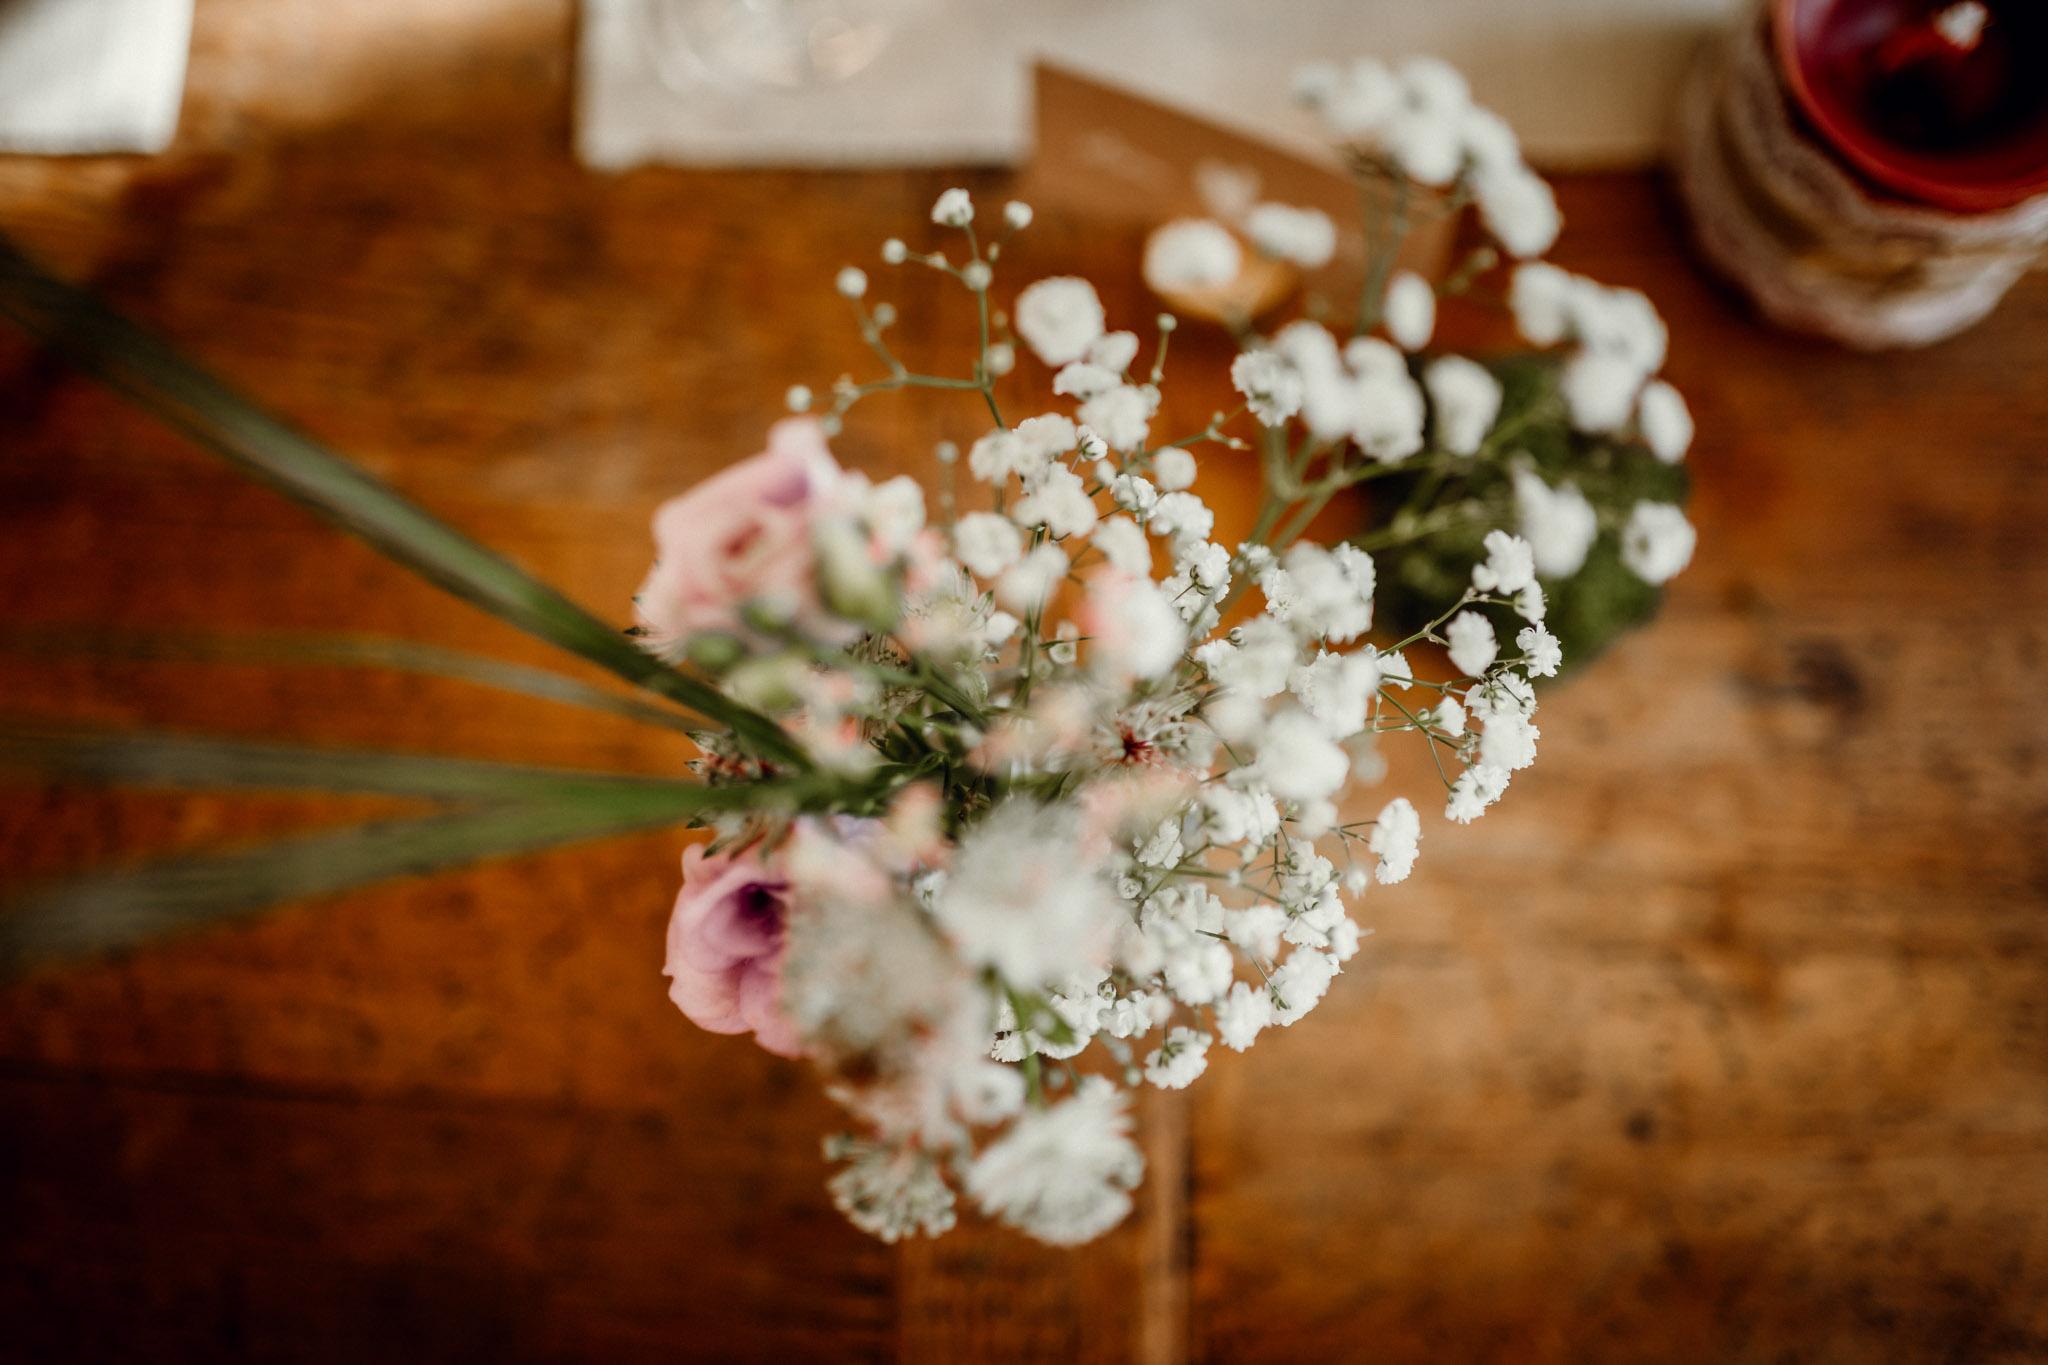 Sven Schomburg Hochzeitsfotografie, Hamburg, Mölln, Hochzeitsfieber by Photo-Schomburg, Hochzeitsreportage, Forsthaus Waldhusen, Braut, Bräutigam-52